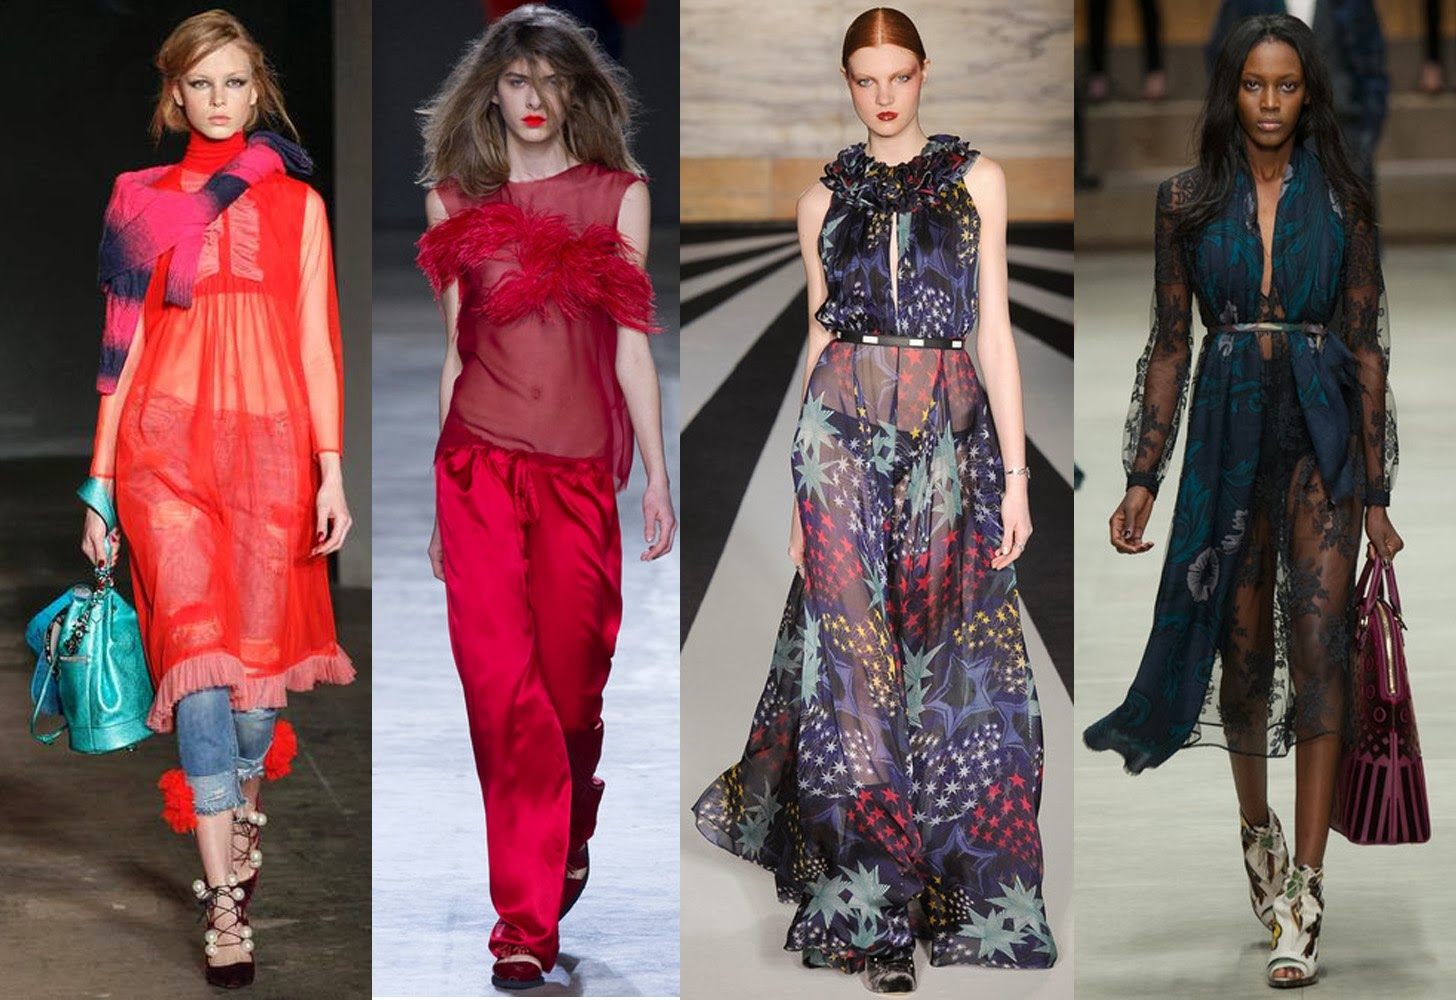 london+fashion+week+fall+2014+trends+sheer